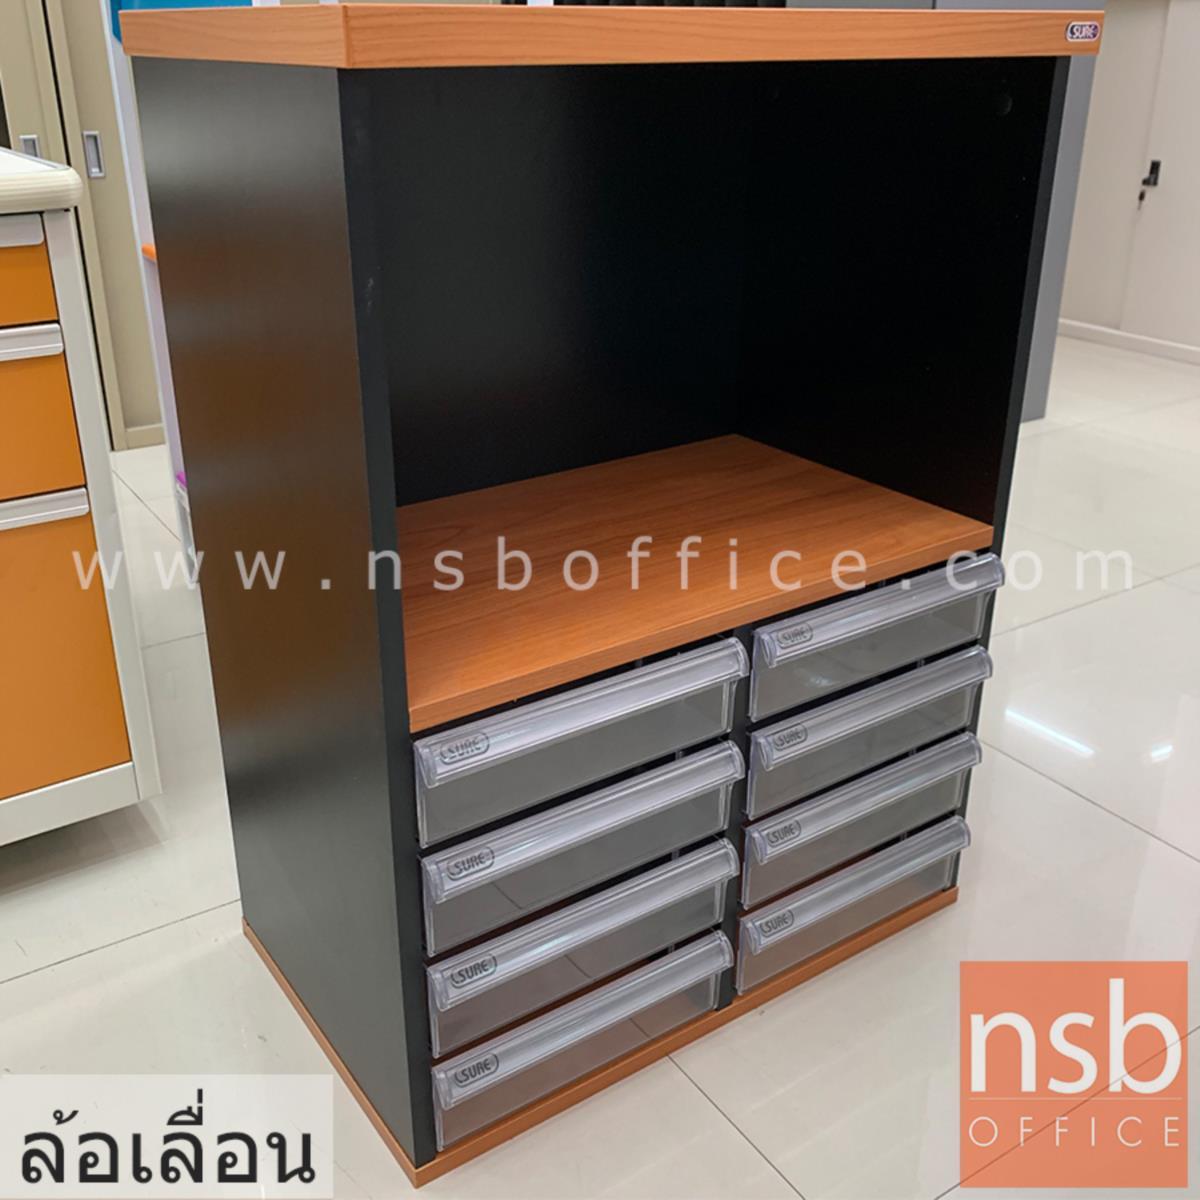 ตู้เอกสารล้อเลื่อน สูง 84 cm. A4 x8 ช่อง ตู้ไม้ ลิ้นชักพลาสติก รุ่น SS-600